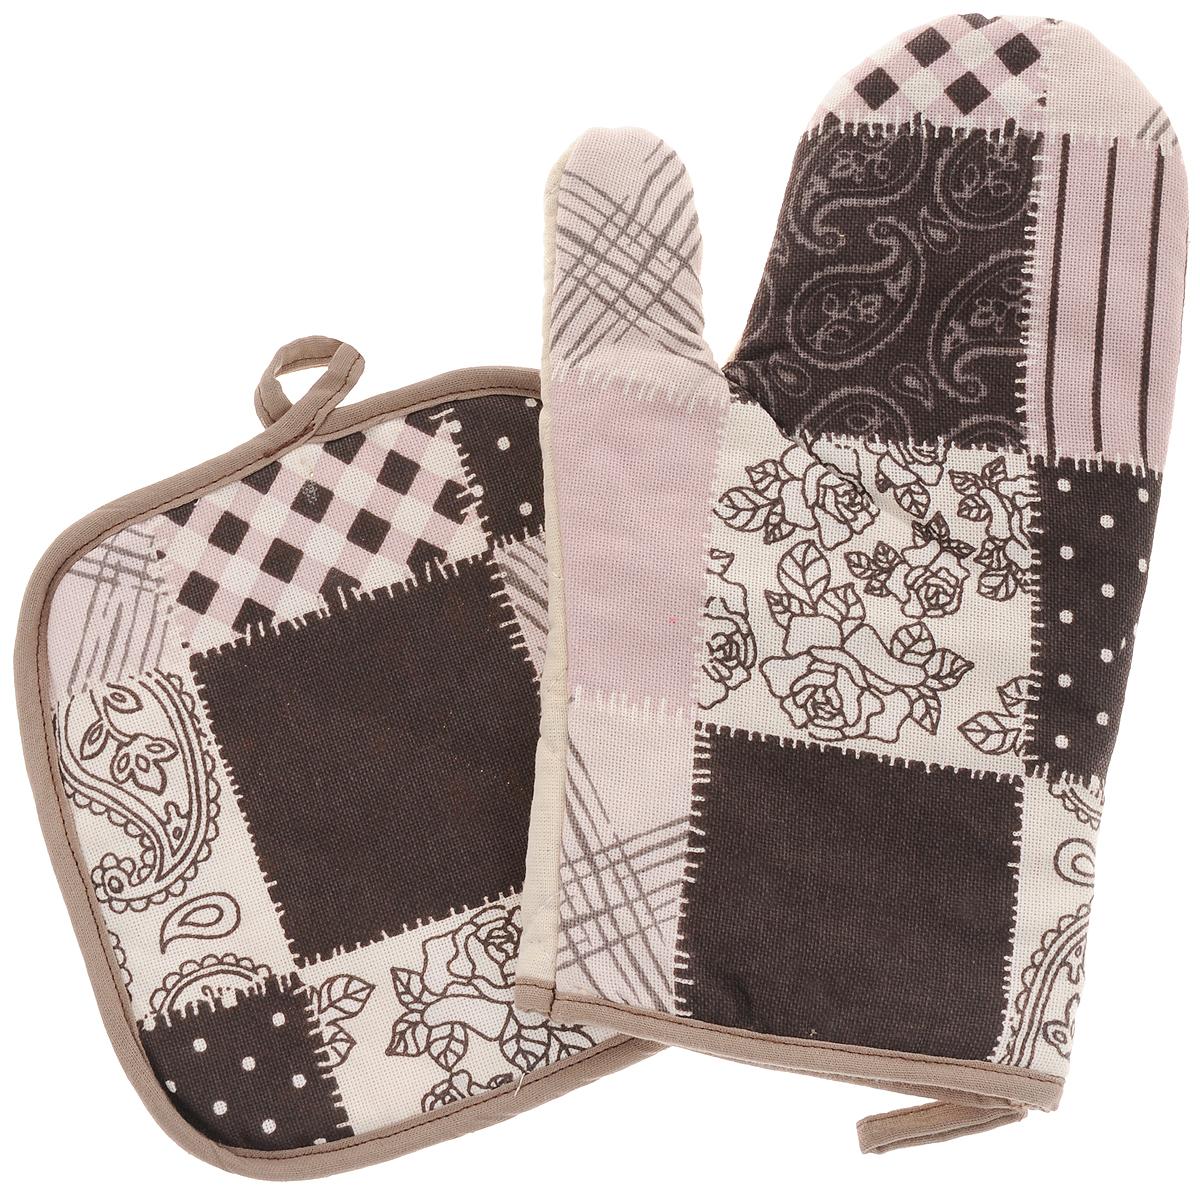 Набор прихваток Bonita Трюфель, 2 предмета11010815719Набор Bonita Трюфель состоит из прихватки- рукавицы и квадратной прихватки. Изделия выполнены из натурального хлопка и декорированы оригинальным рисунком. Прихватки простеганы, а края окантованы. Оснащены специальными петельками, за которые их можно подвесить на крючок в любом удобном для вас месте. Такой набор красиво дополнит интерьер кухни. Размер прихватки-рукавицы: 18 х 27 см. Размер прихватки: 18 х 18 см.